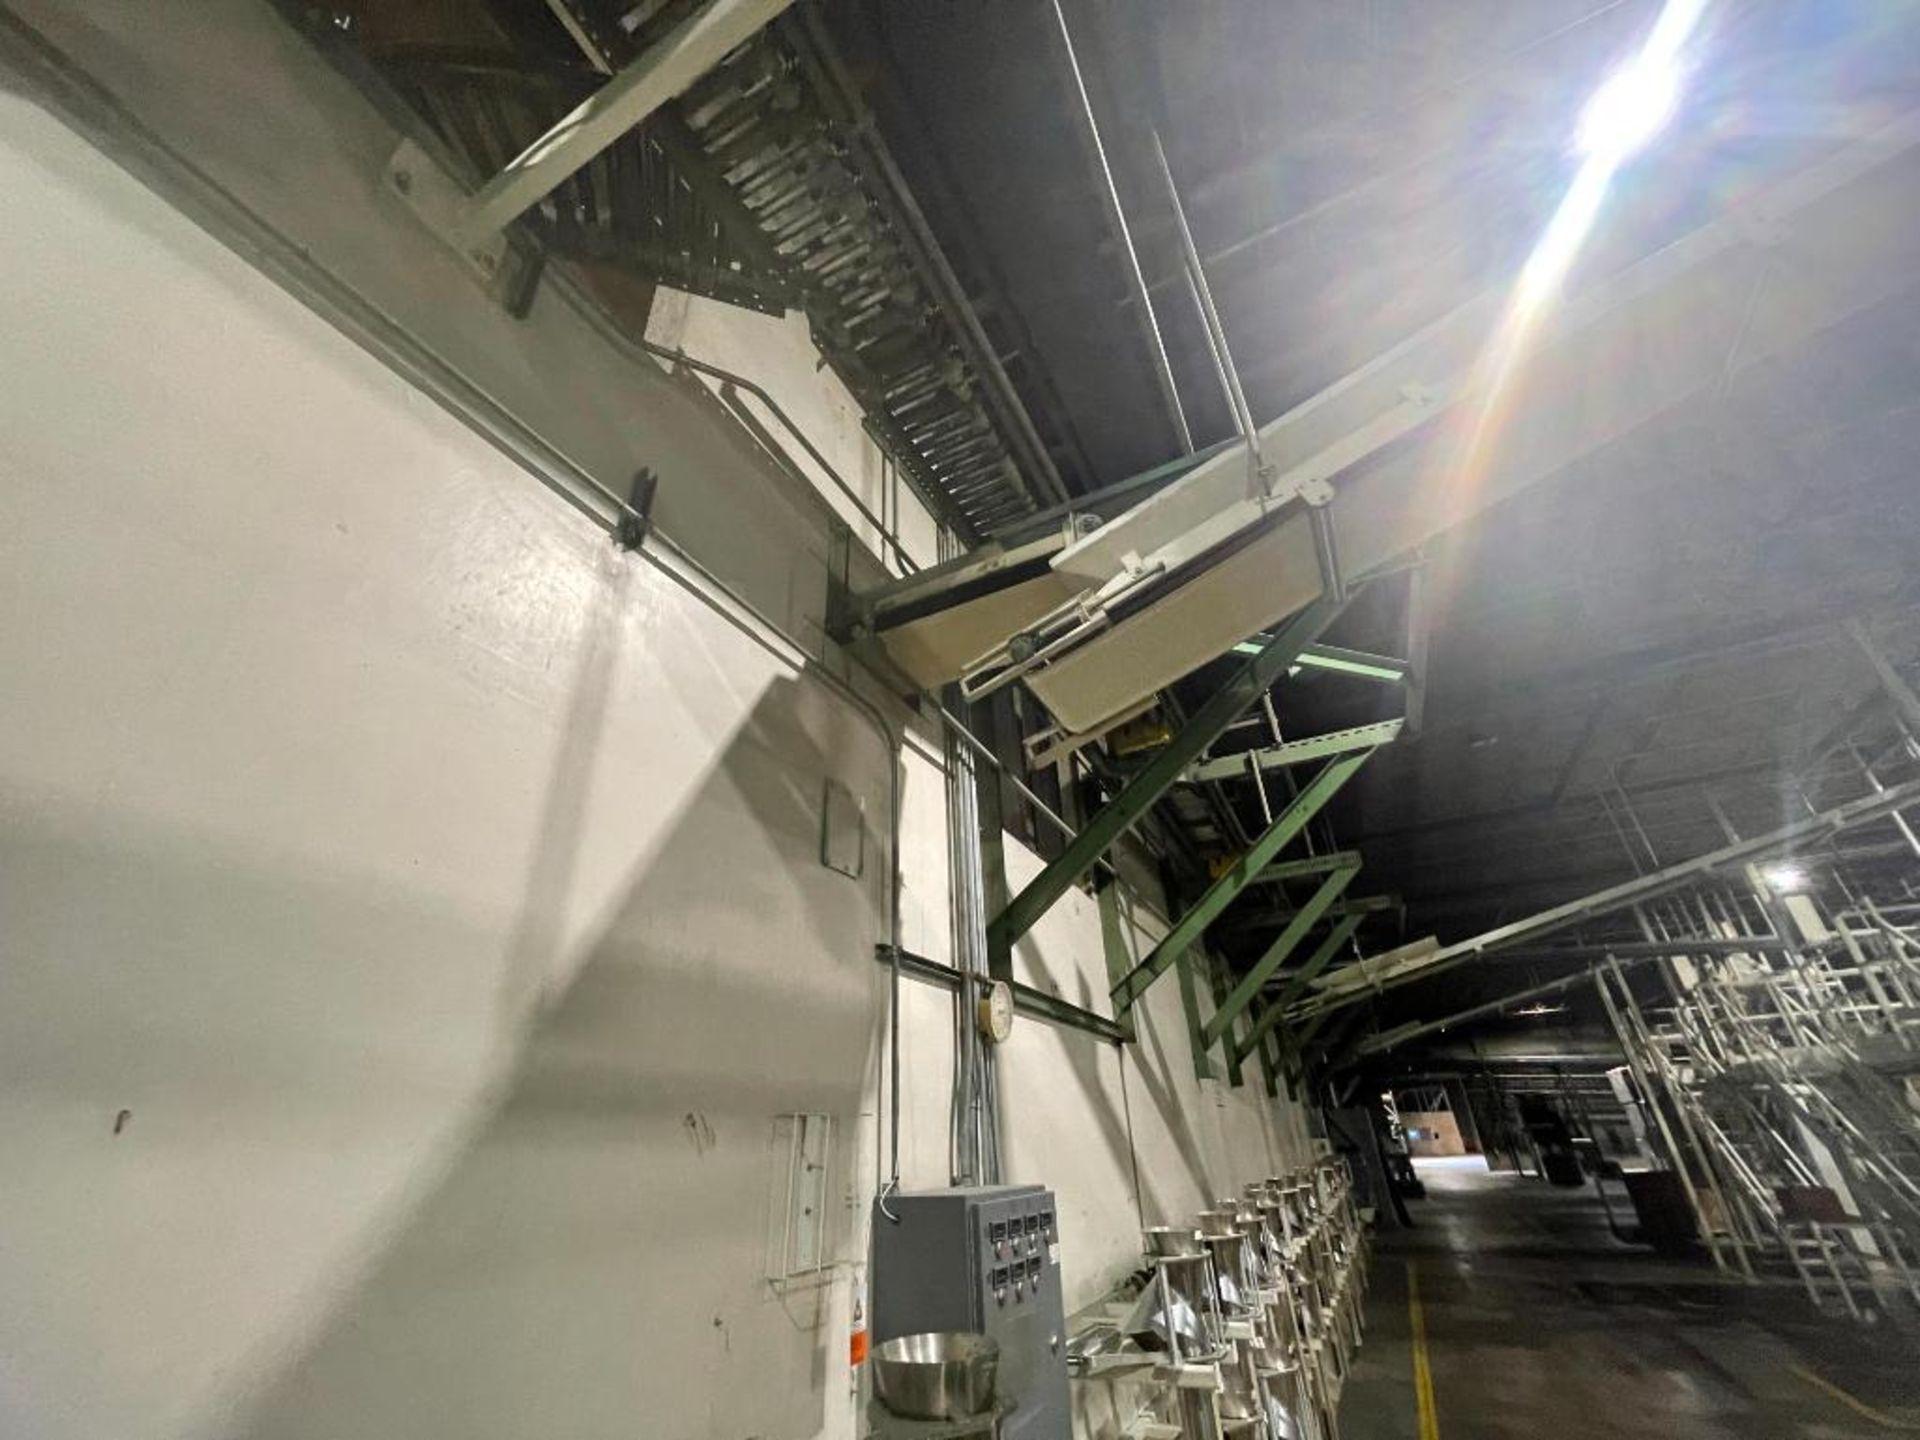 mild steel overhead belt conveyor - Image 2 of 8